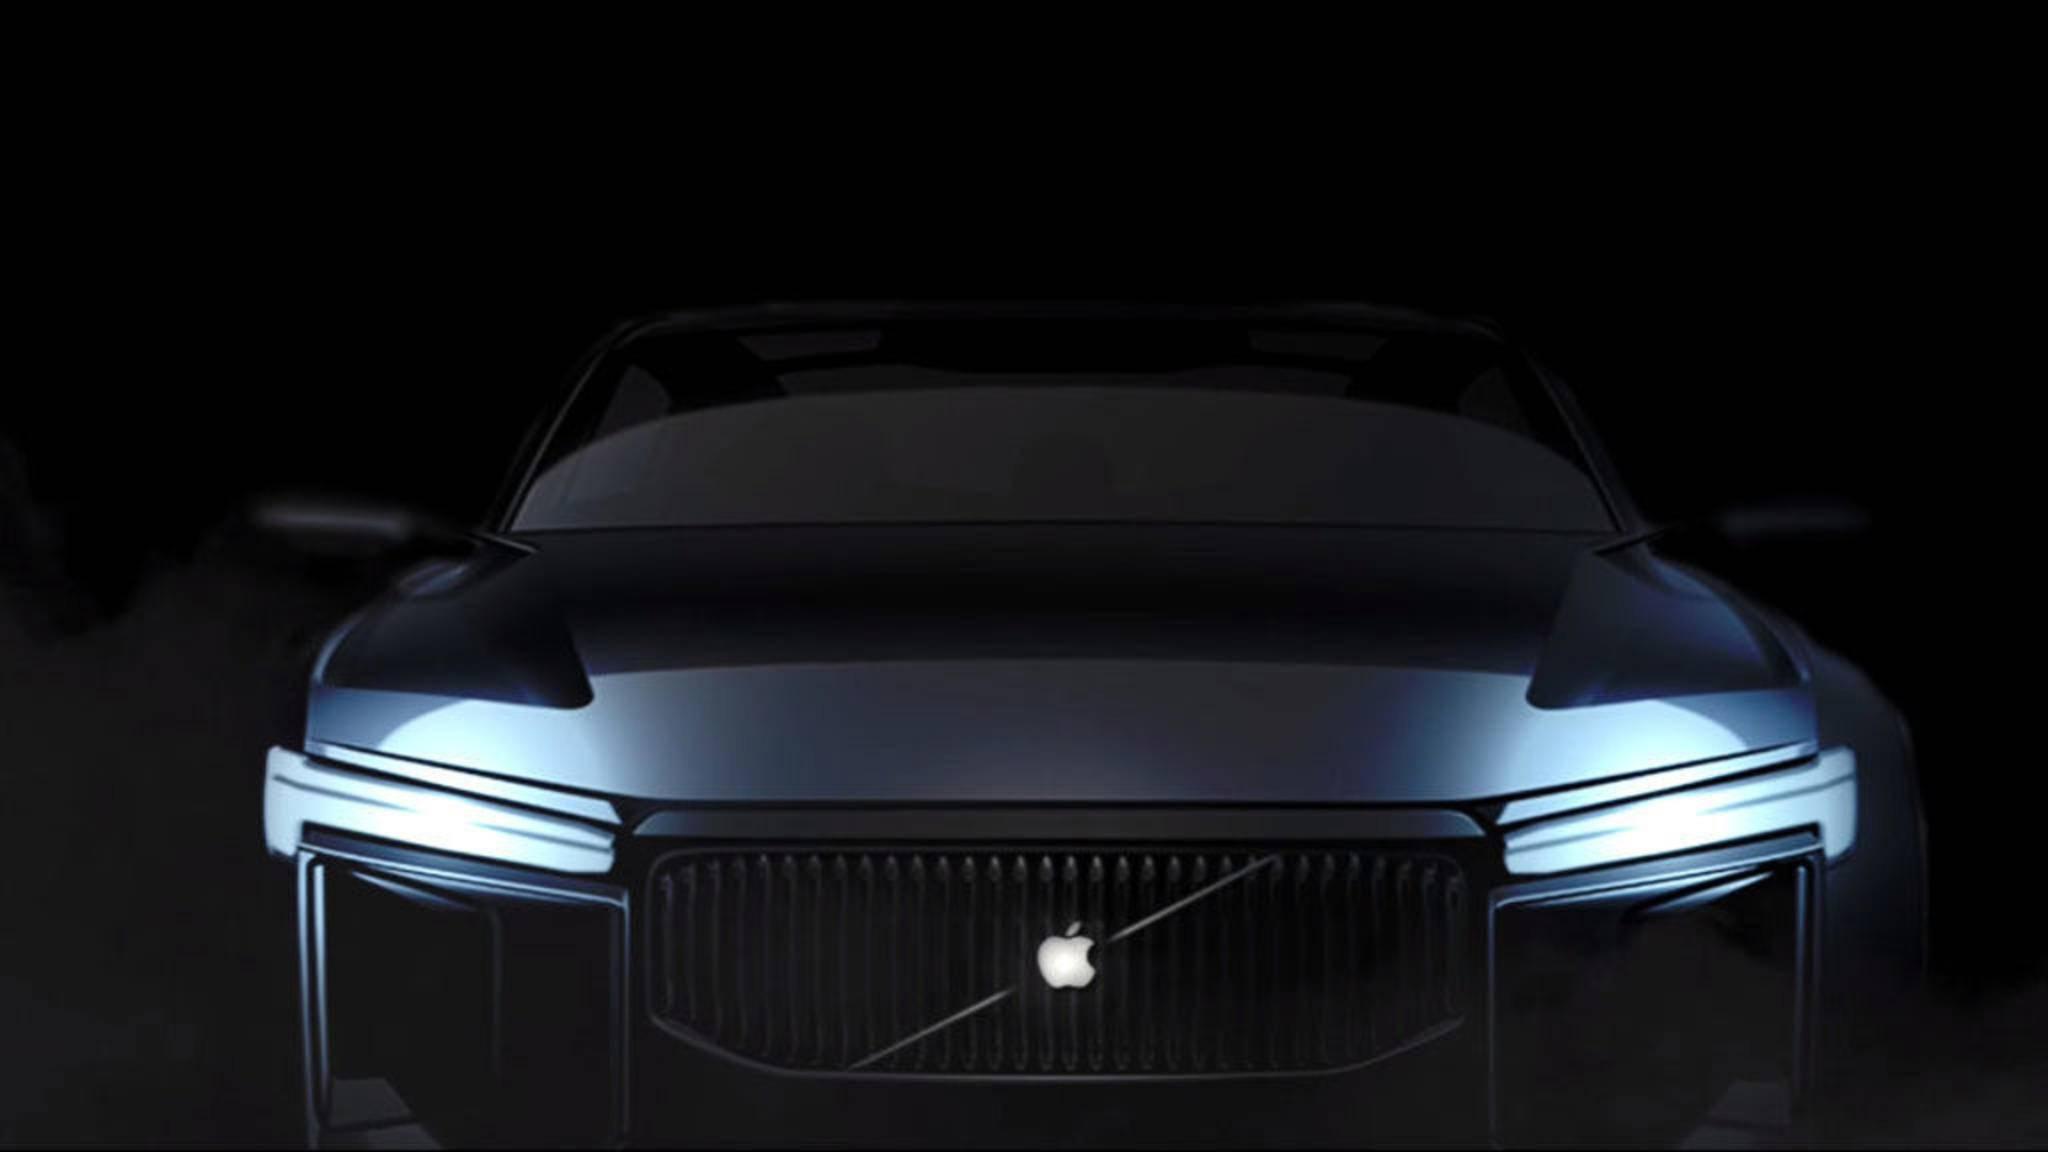 Das Apple Car bleibt vorerst eine Zukunftsvision.